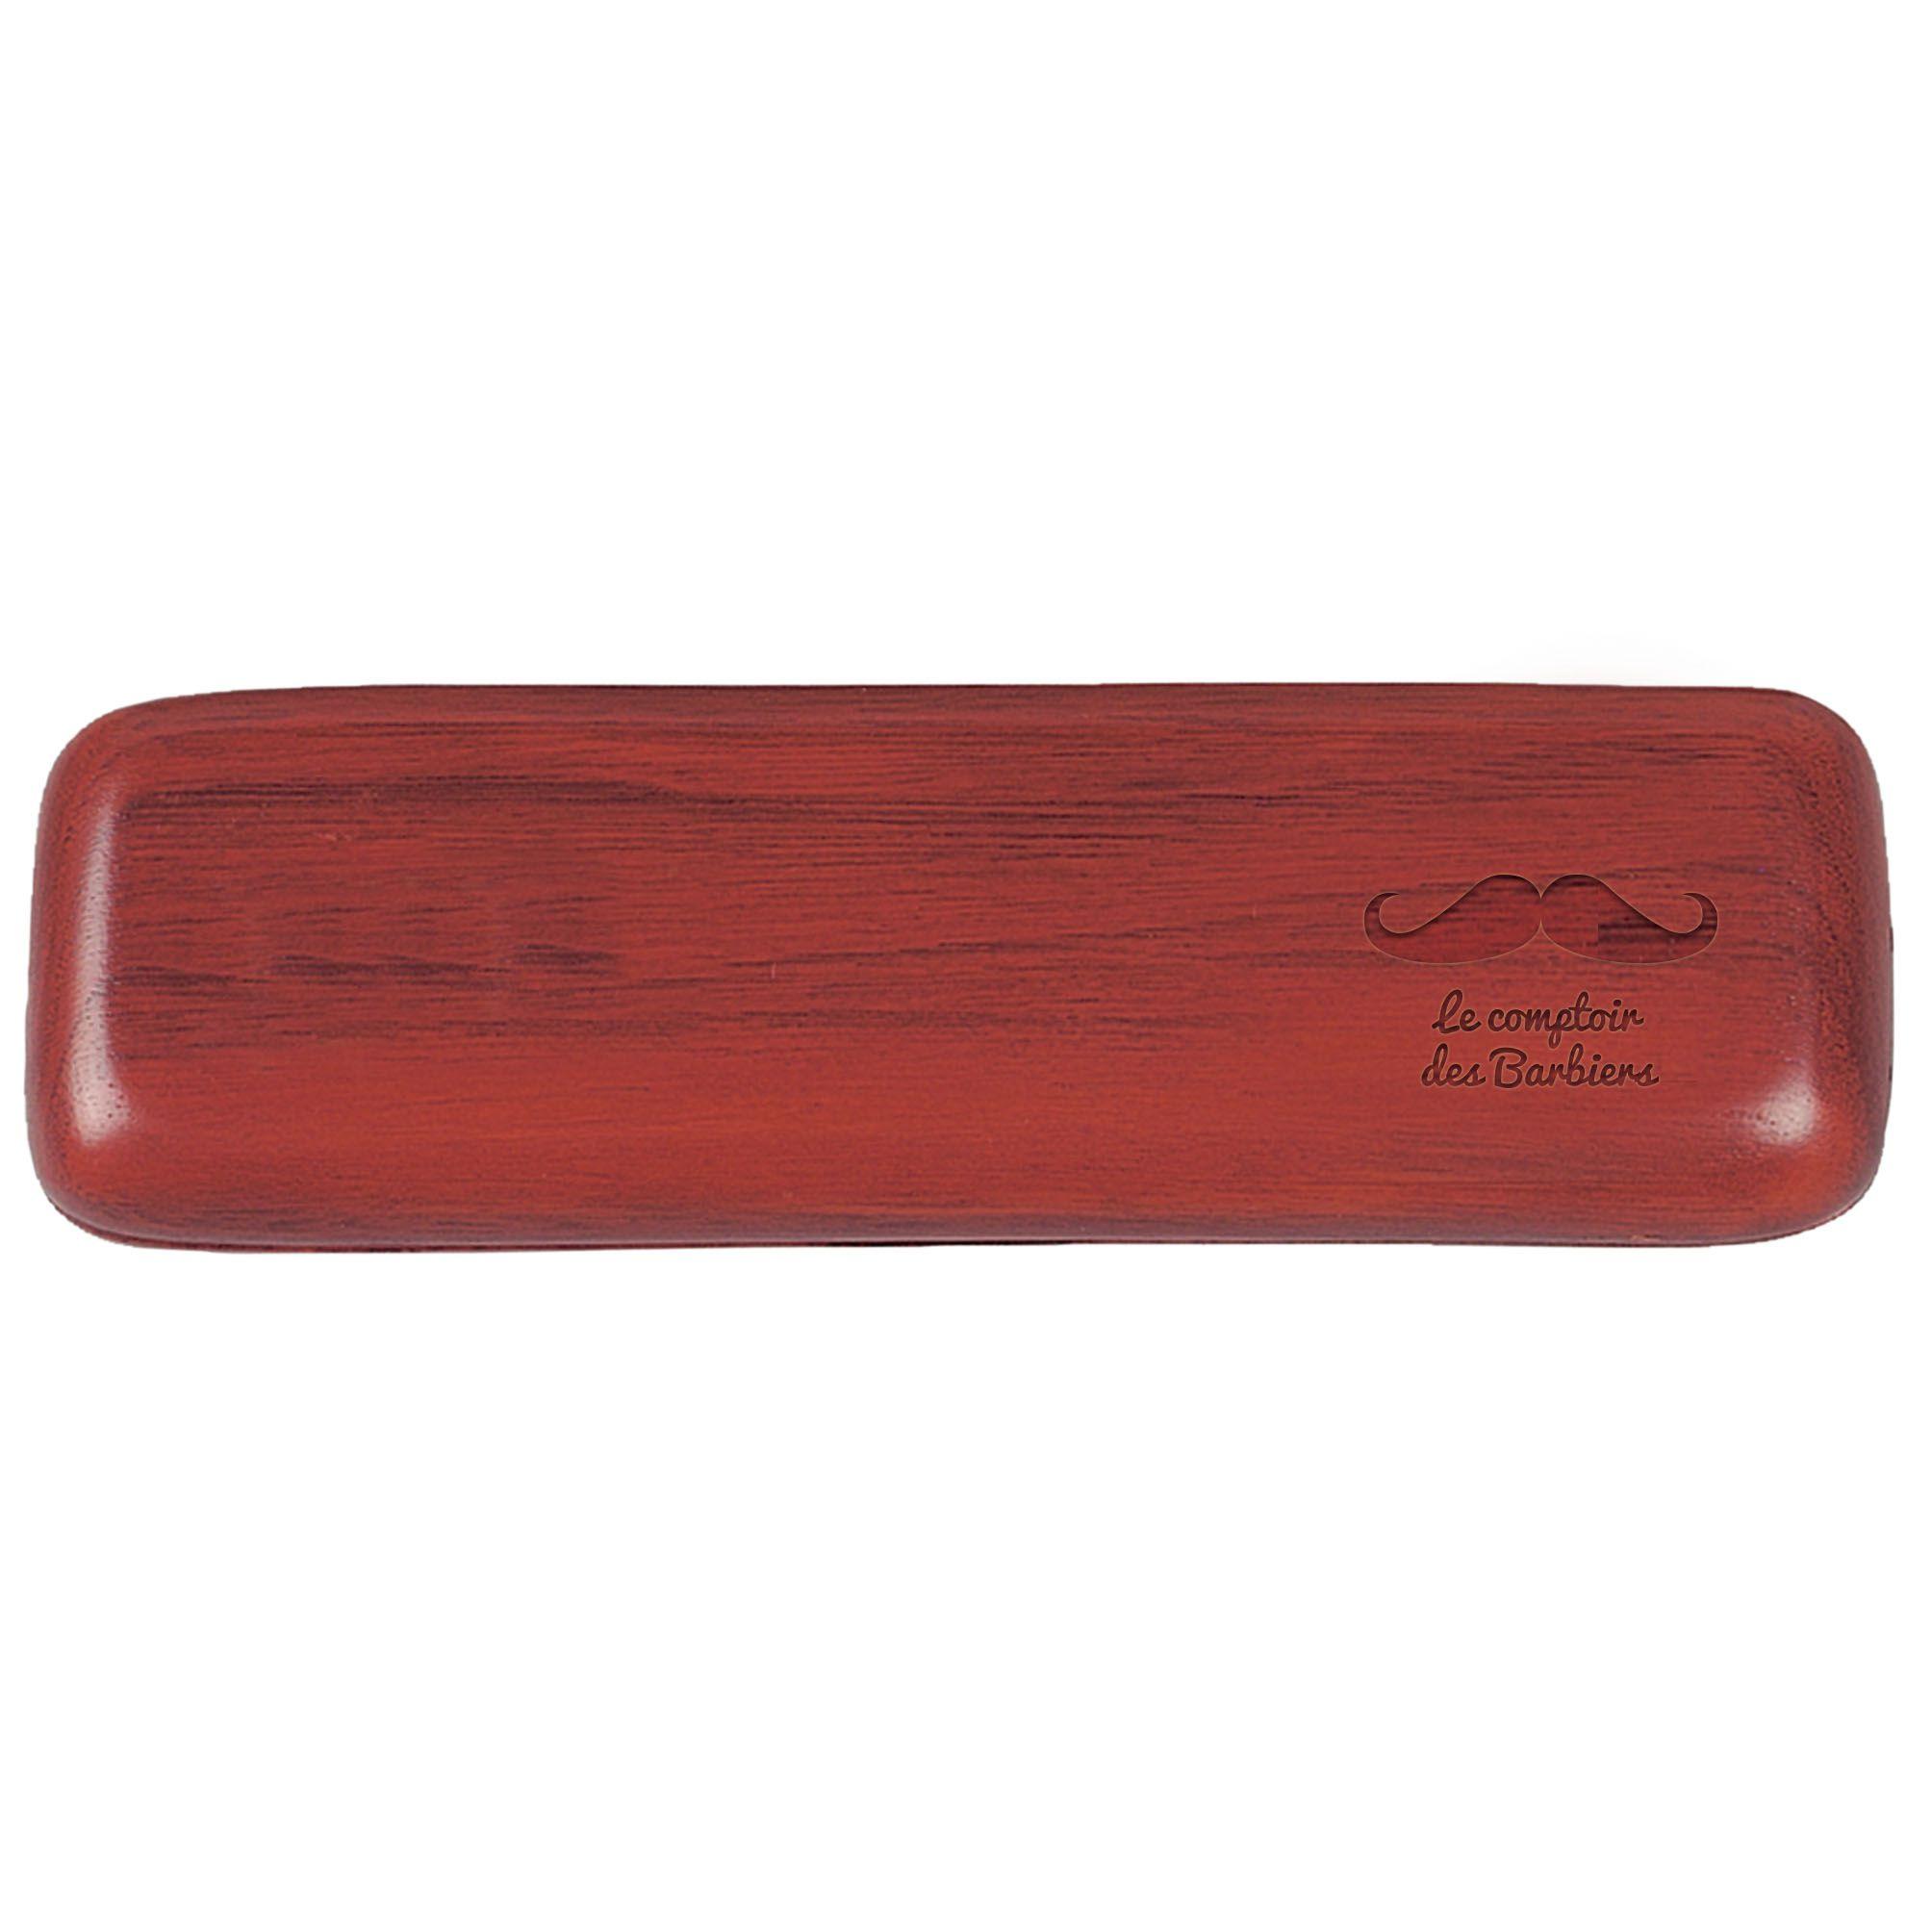 Cadeau publicitaire - Parure bois stylo Bille publicitaire et Roller Wood